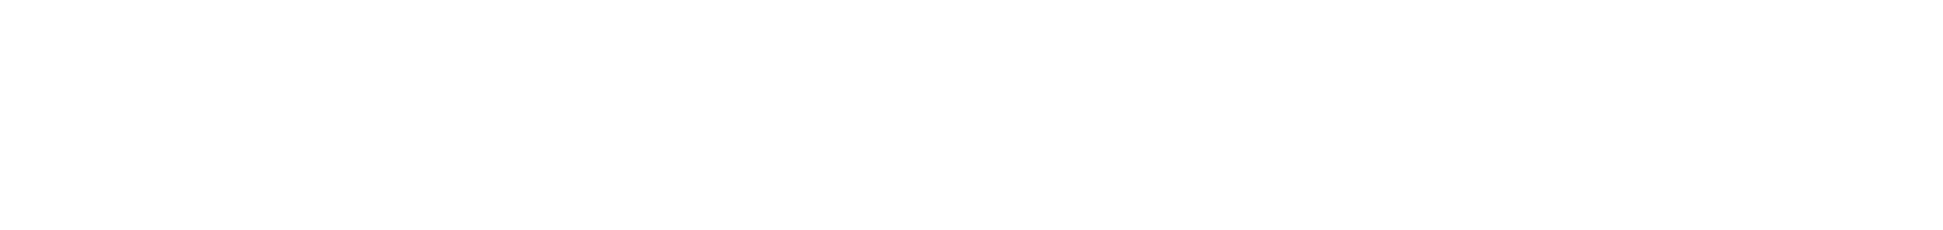 Ejendomskreditlån.dk